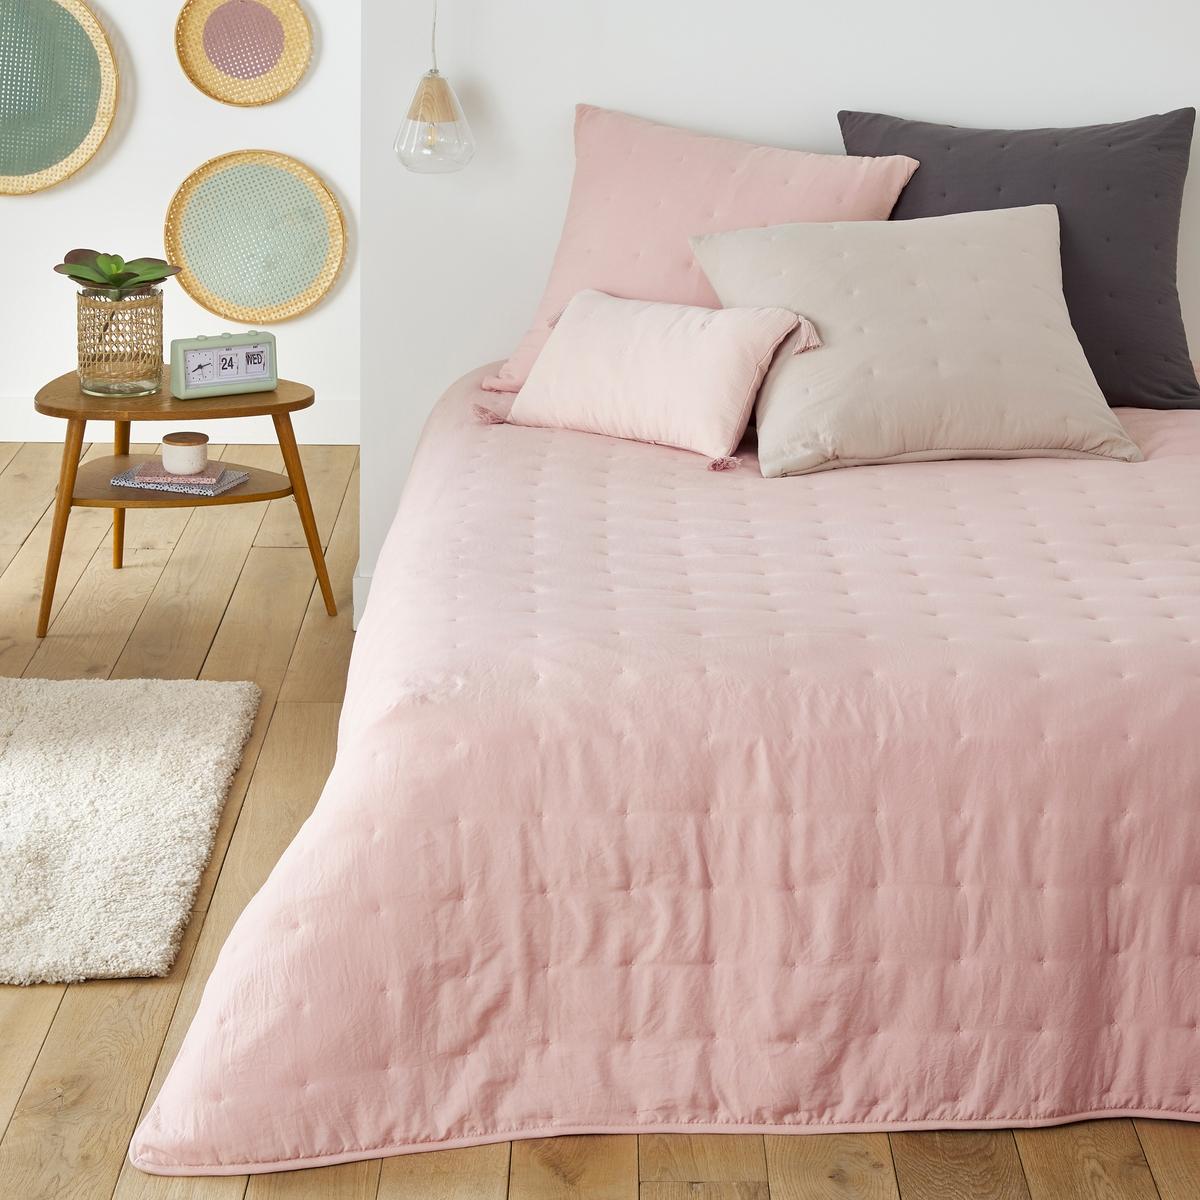 Покрывало LaRedoute Из стираной микрофибры Loja 150 x см розовый